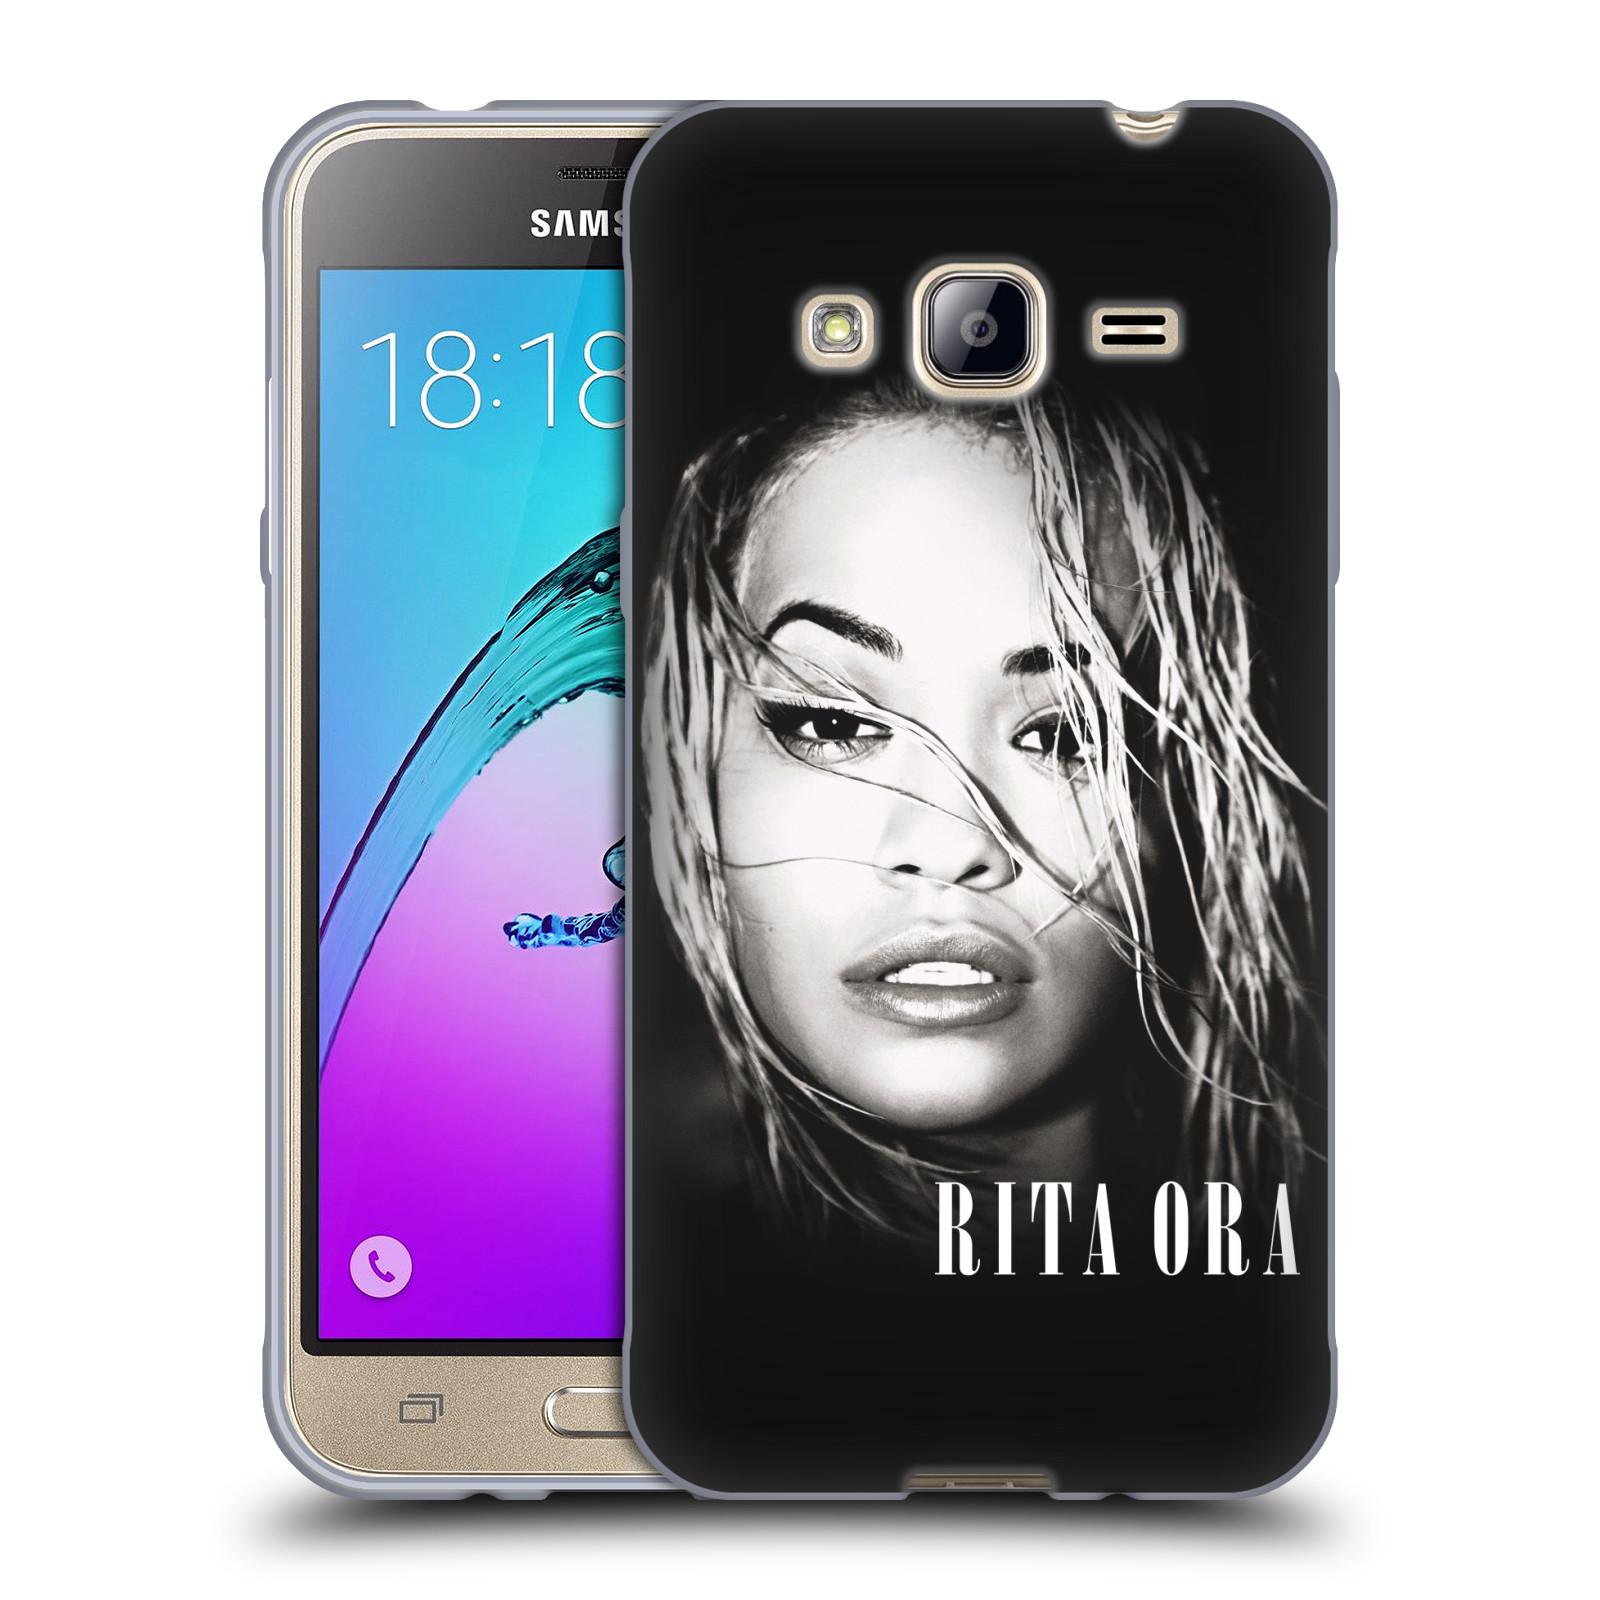 HEAD CASE silikonový obal na mobil Samsung Galaxy J3, J3 2016 zpěvačka Rita Ora foto tvář